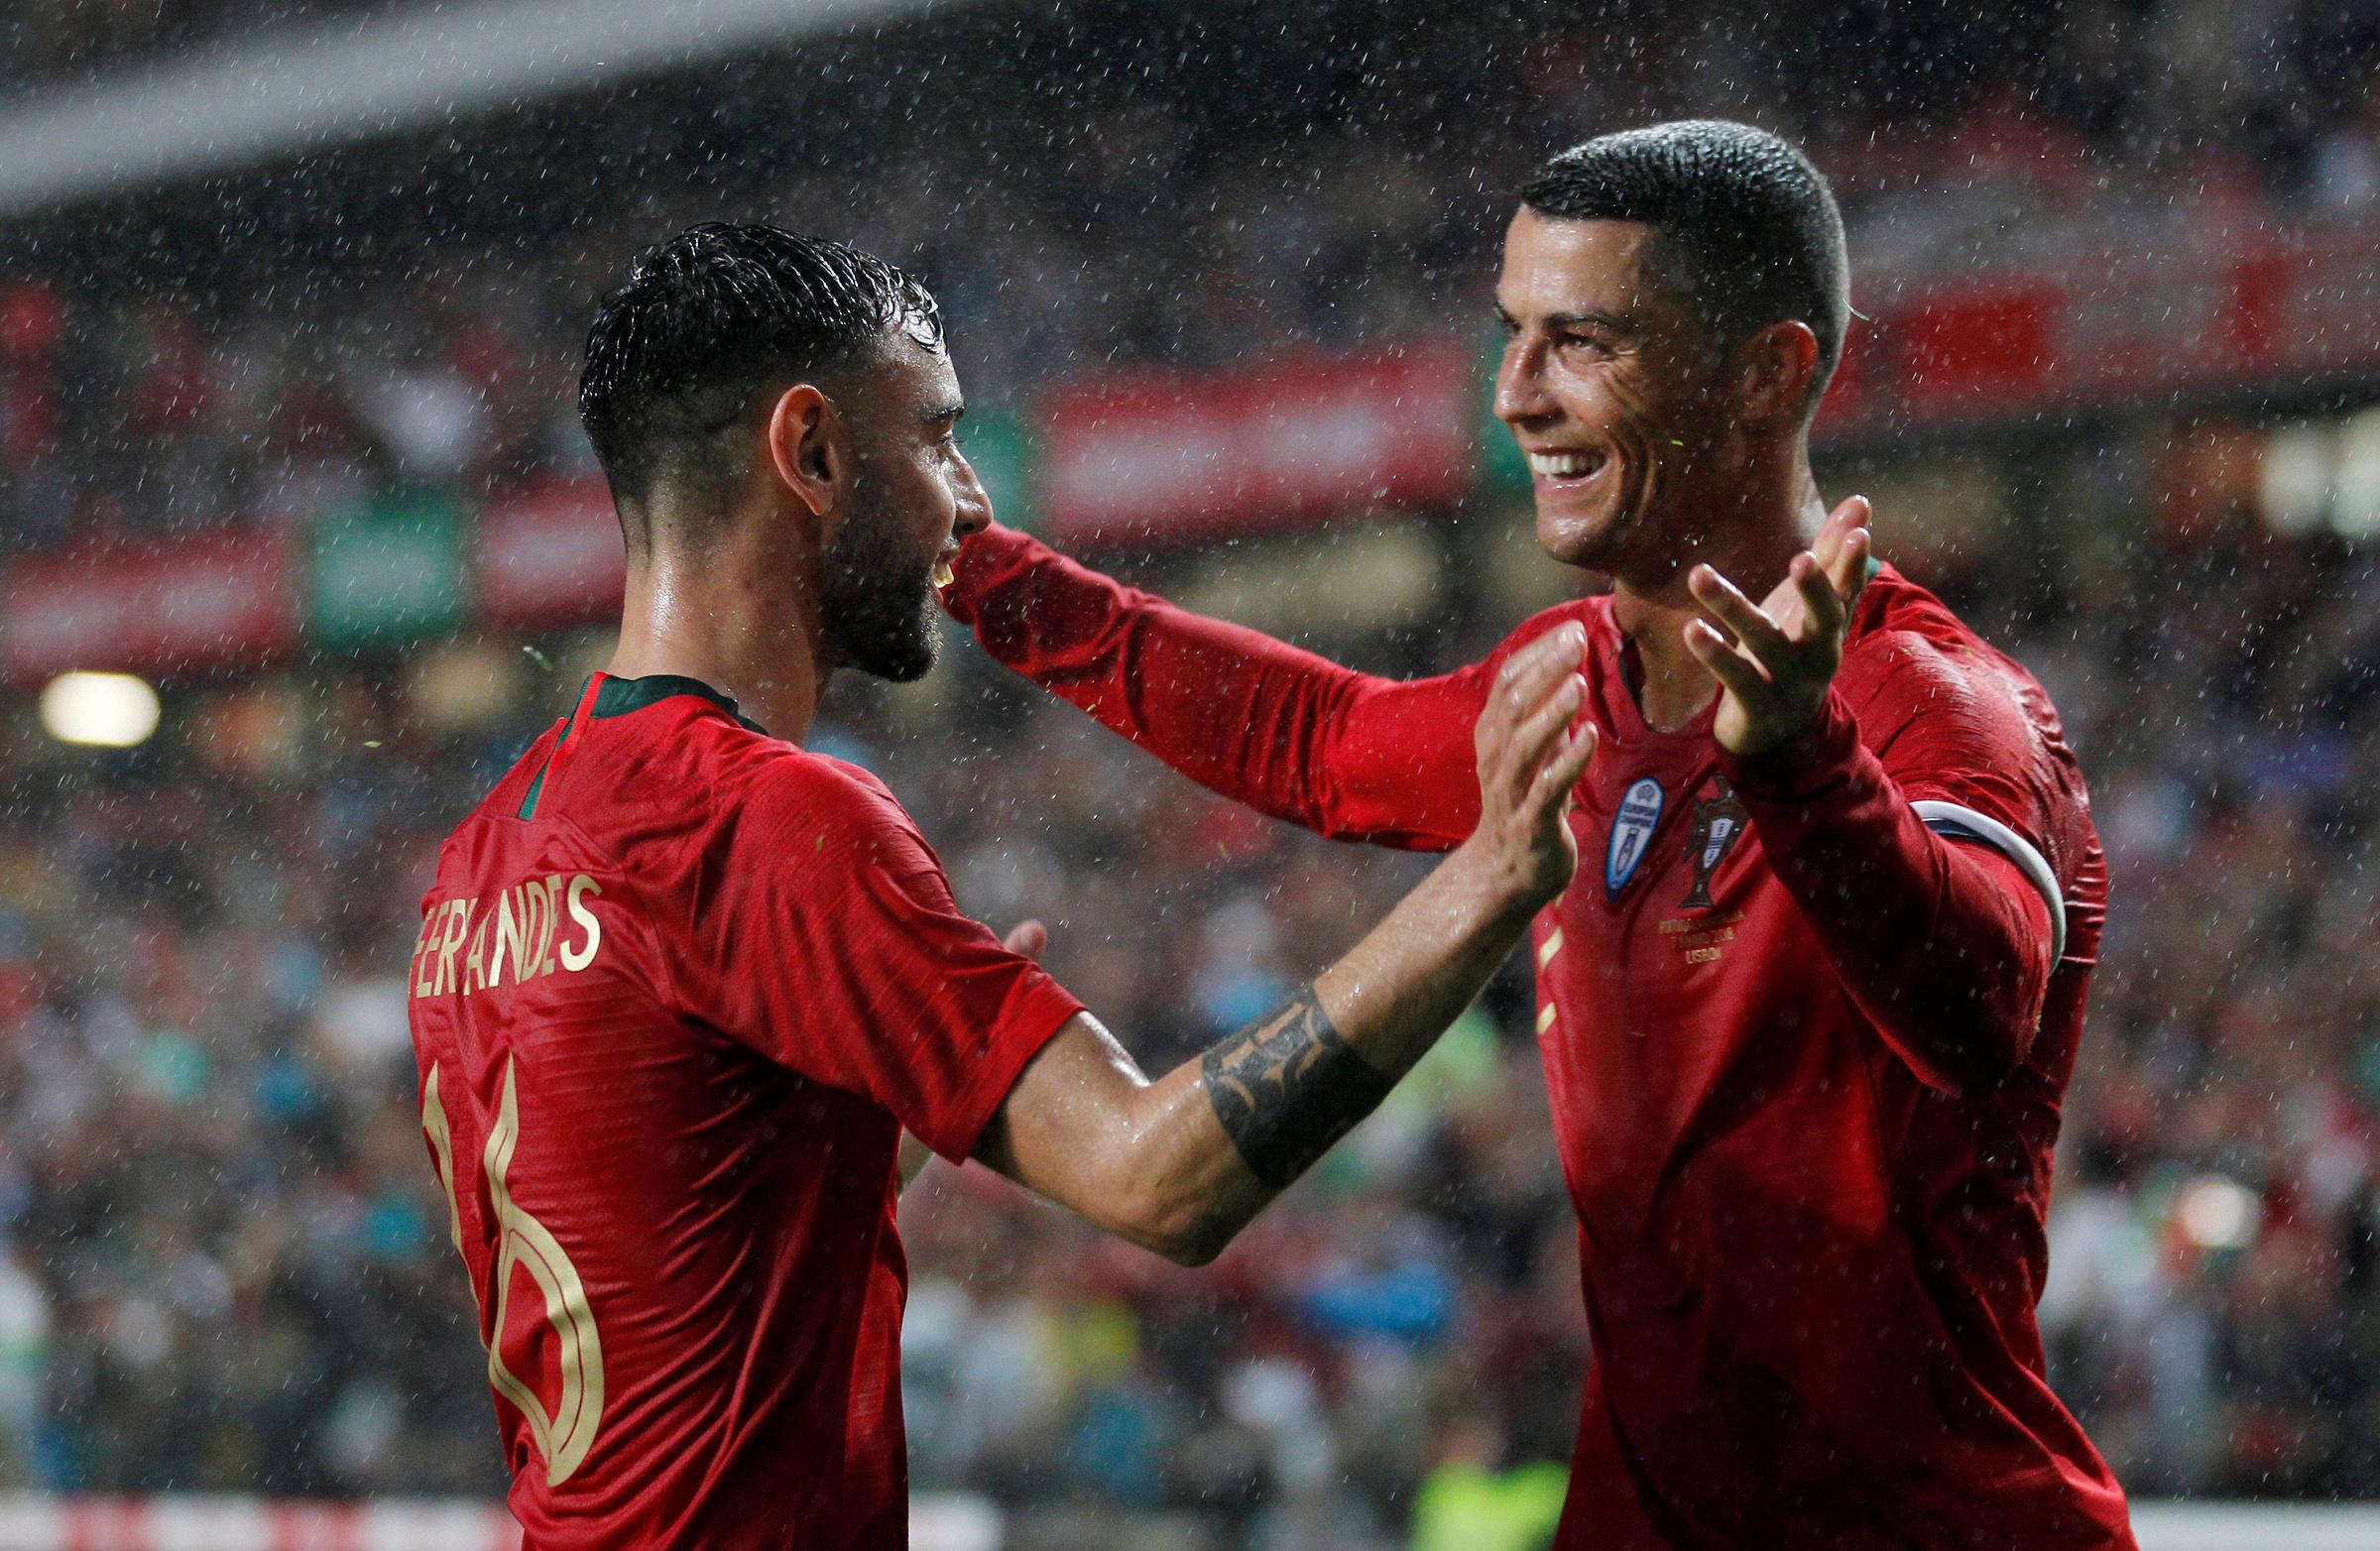 Fernandes sẽ phải san sẻ một phần trách nhiệm thực hiện các pha đá phạt với Ronaldo tại Man Utd. Ảnh: Reuters